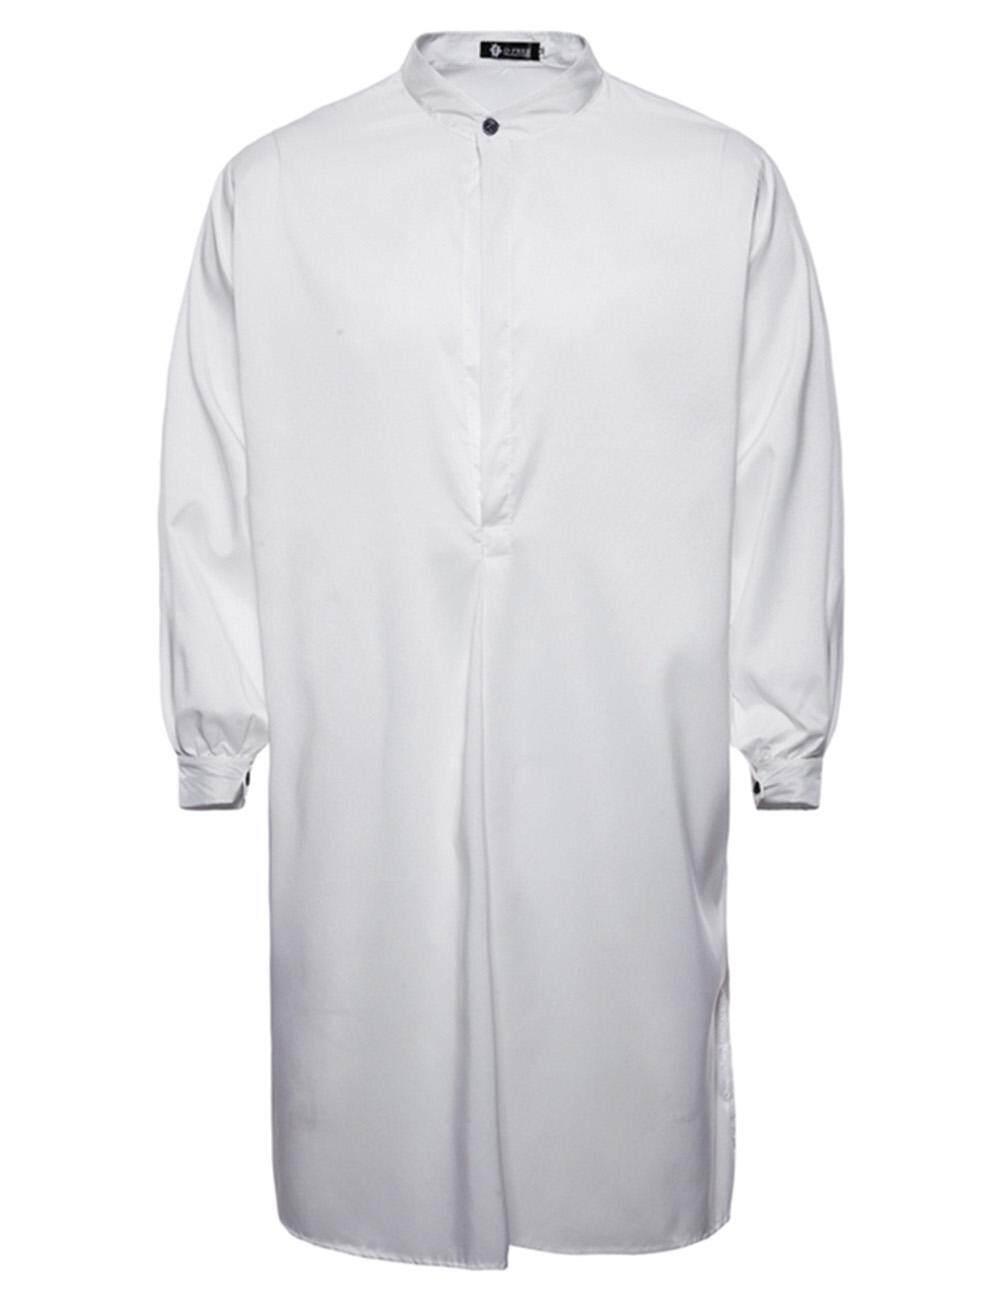 สตาร์มอลล์ผู้ชายชายสไตล์มุสลิมเสื้อคลุมยาวชุดเสื้อ.